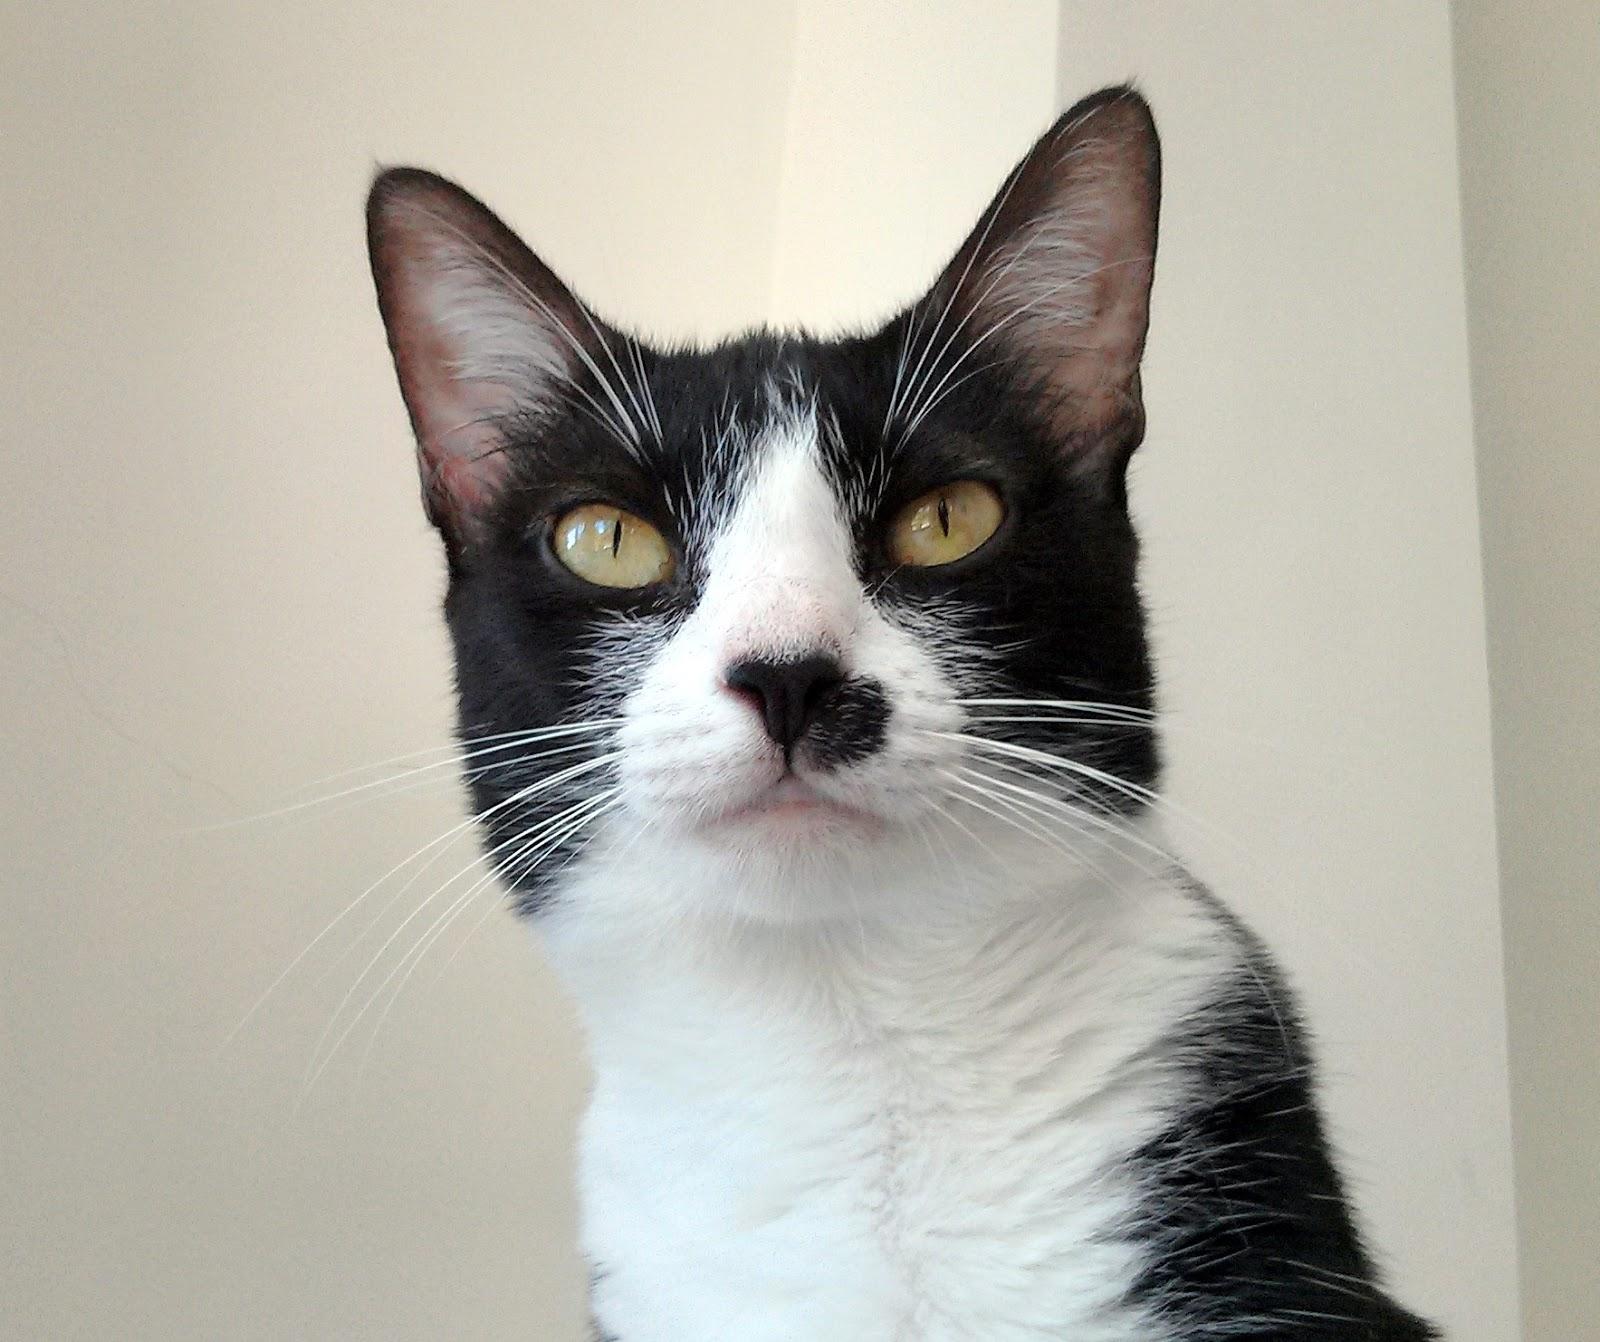 「cat voice」の画像検索結果